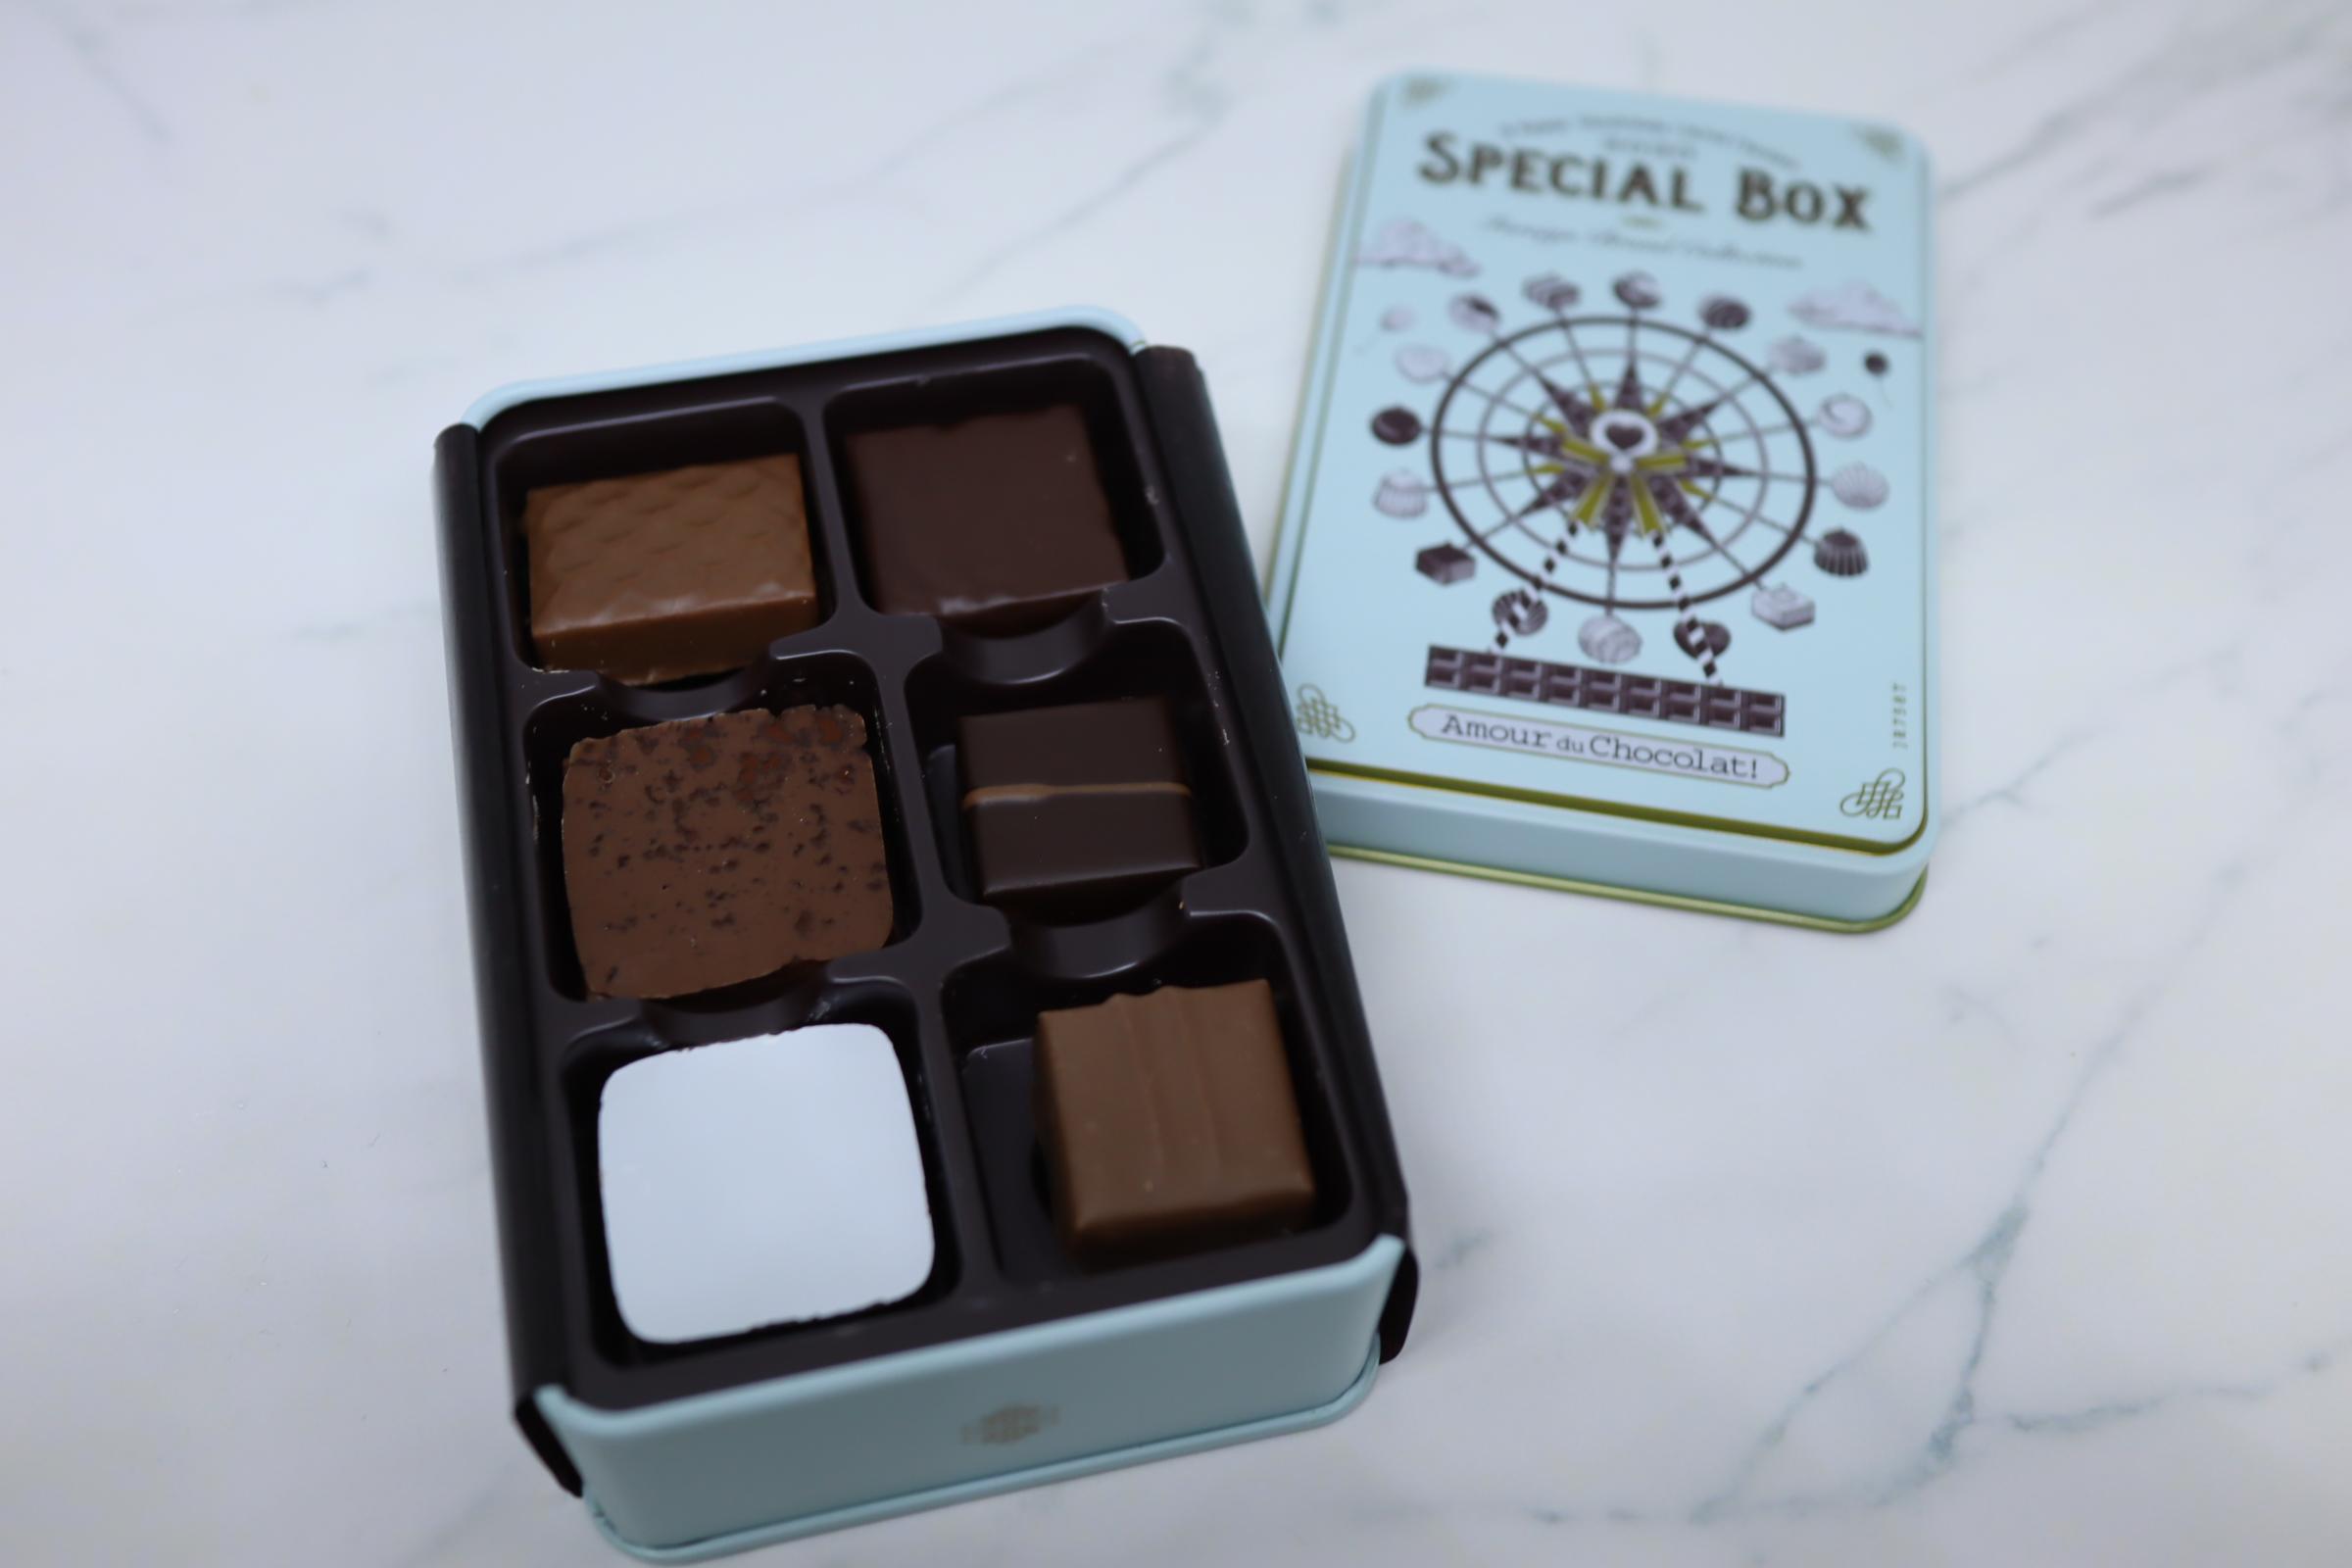 日本一のチョコレートの祭典「アムール デュ ショコラ」、2月14日まで開催!購入したおすすめ商品もご紹介 - 13